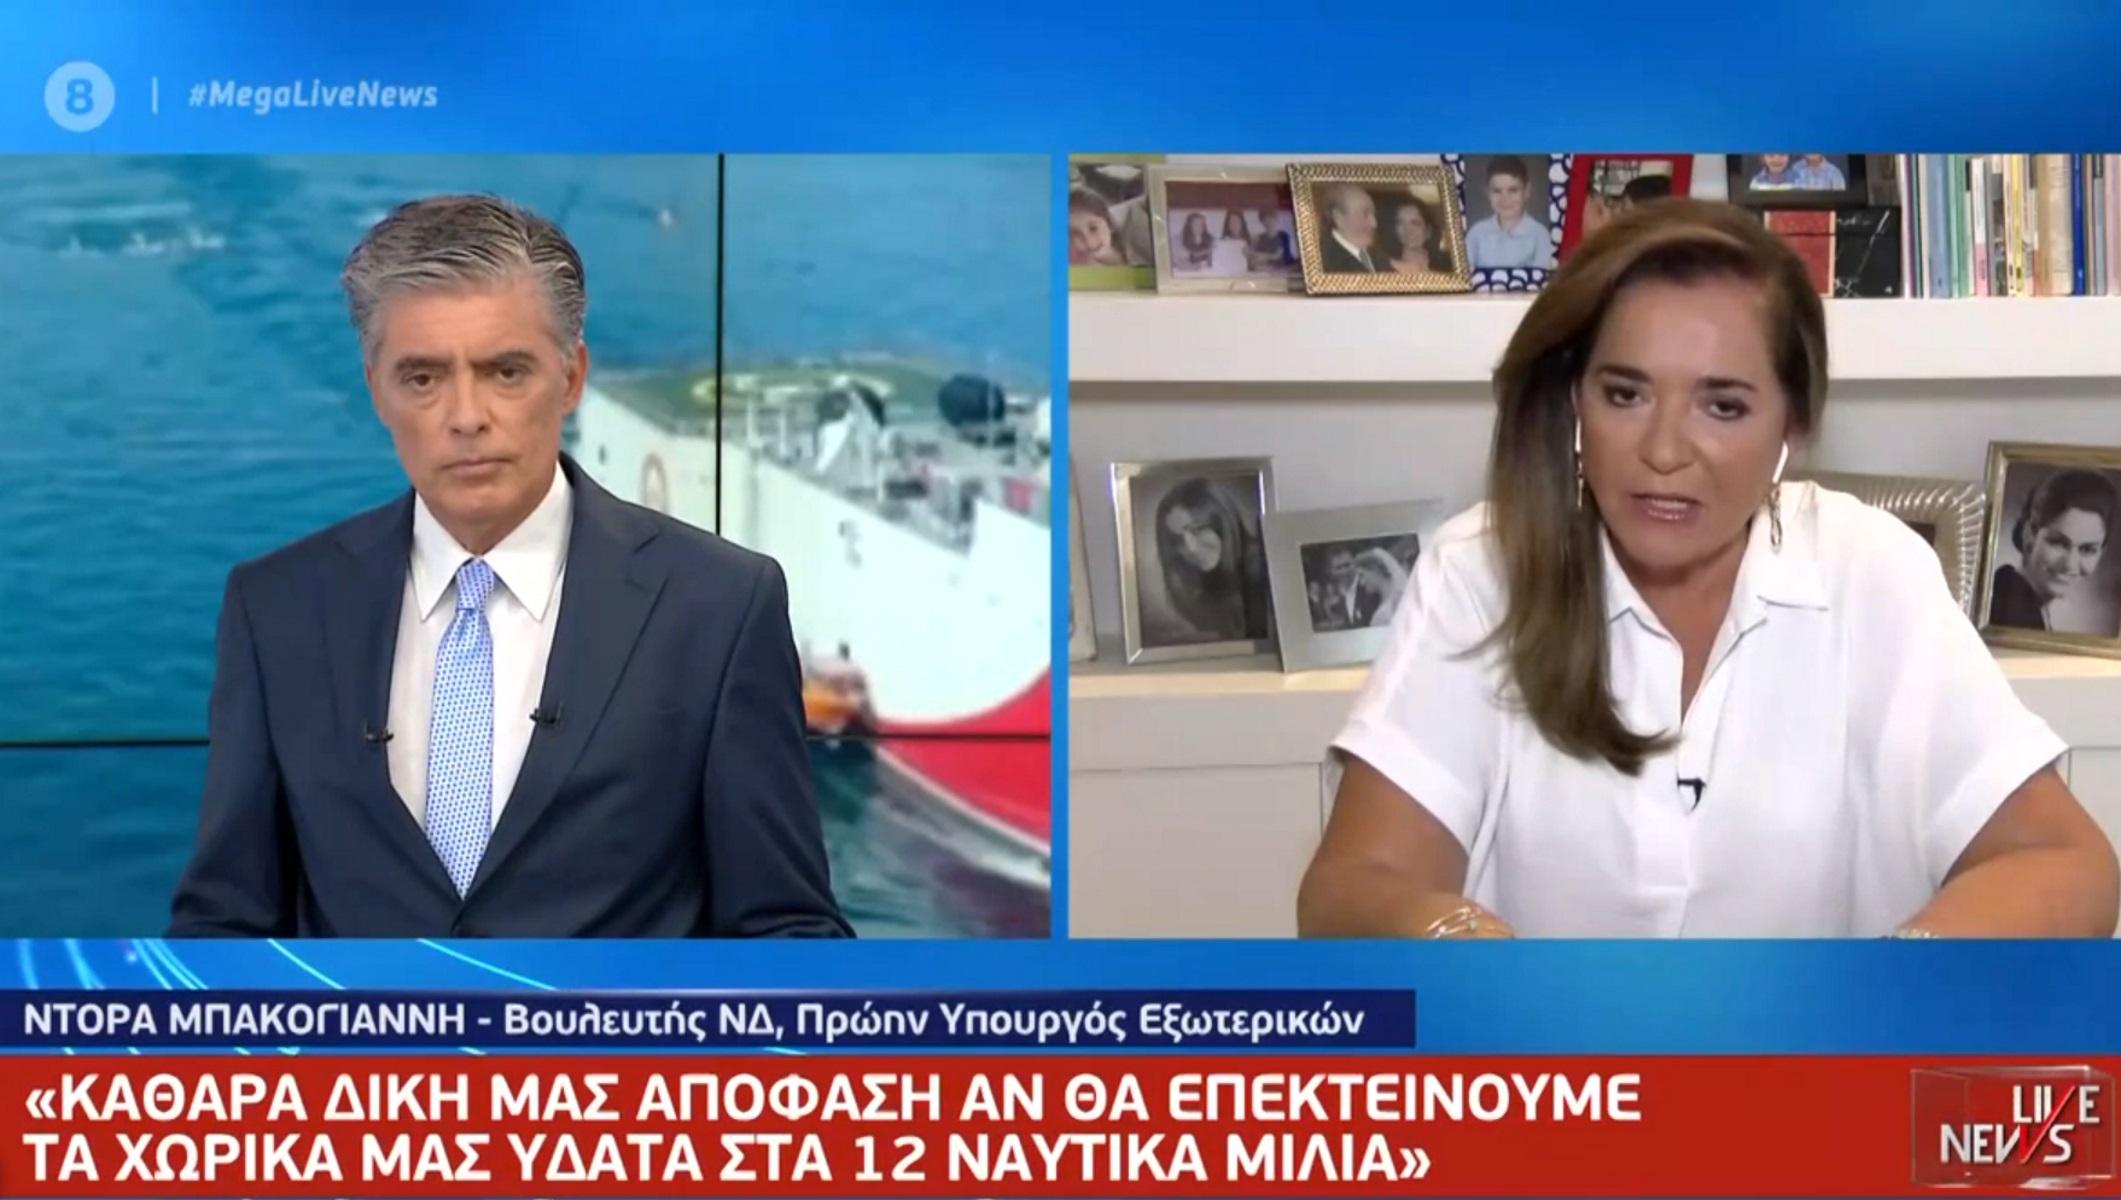 Μπακογιάννη: «Ο Ερντογάν πάει γυρεύοντας για τη δημιουργία ενός θερμού επεισοδίου»